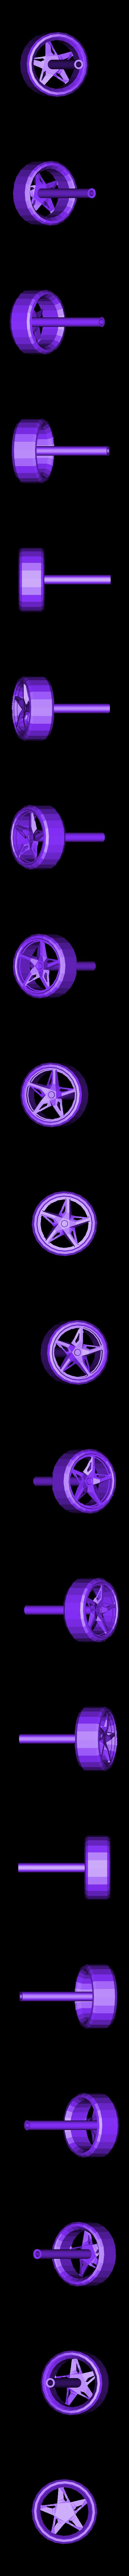 Ferrari_Part_8_Back_left_Wheel_repaired.stl Télécharger fichier STL gratuit Kit modèle Ferrari 458 • Modèle pour impression 3D, AliSouskian